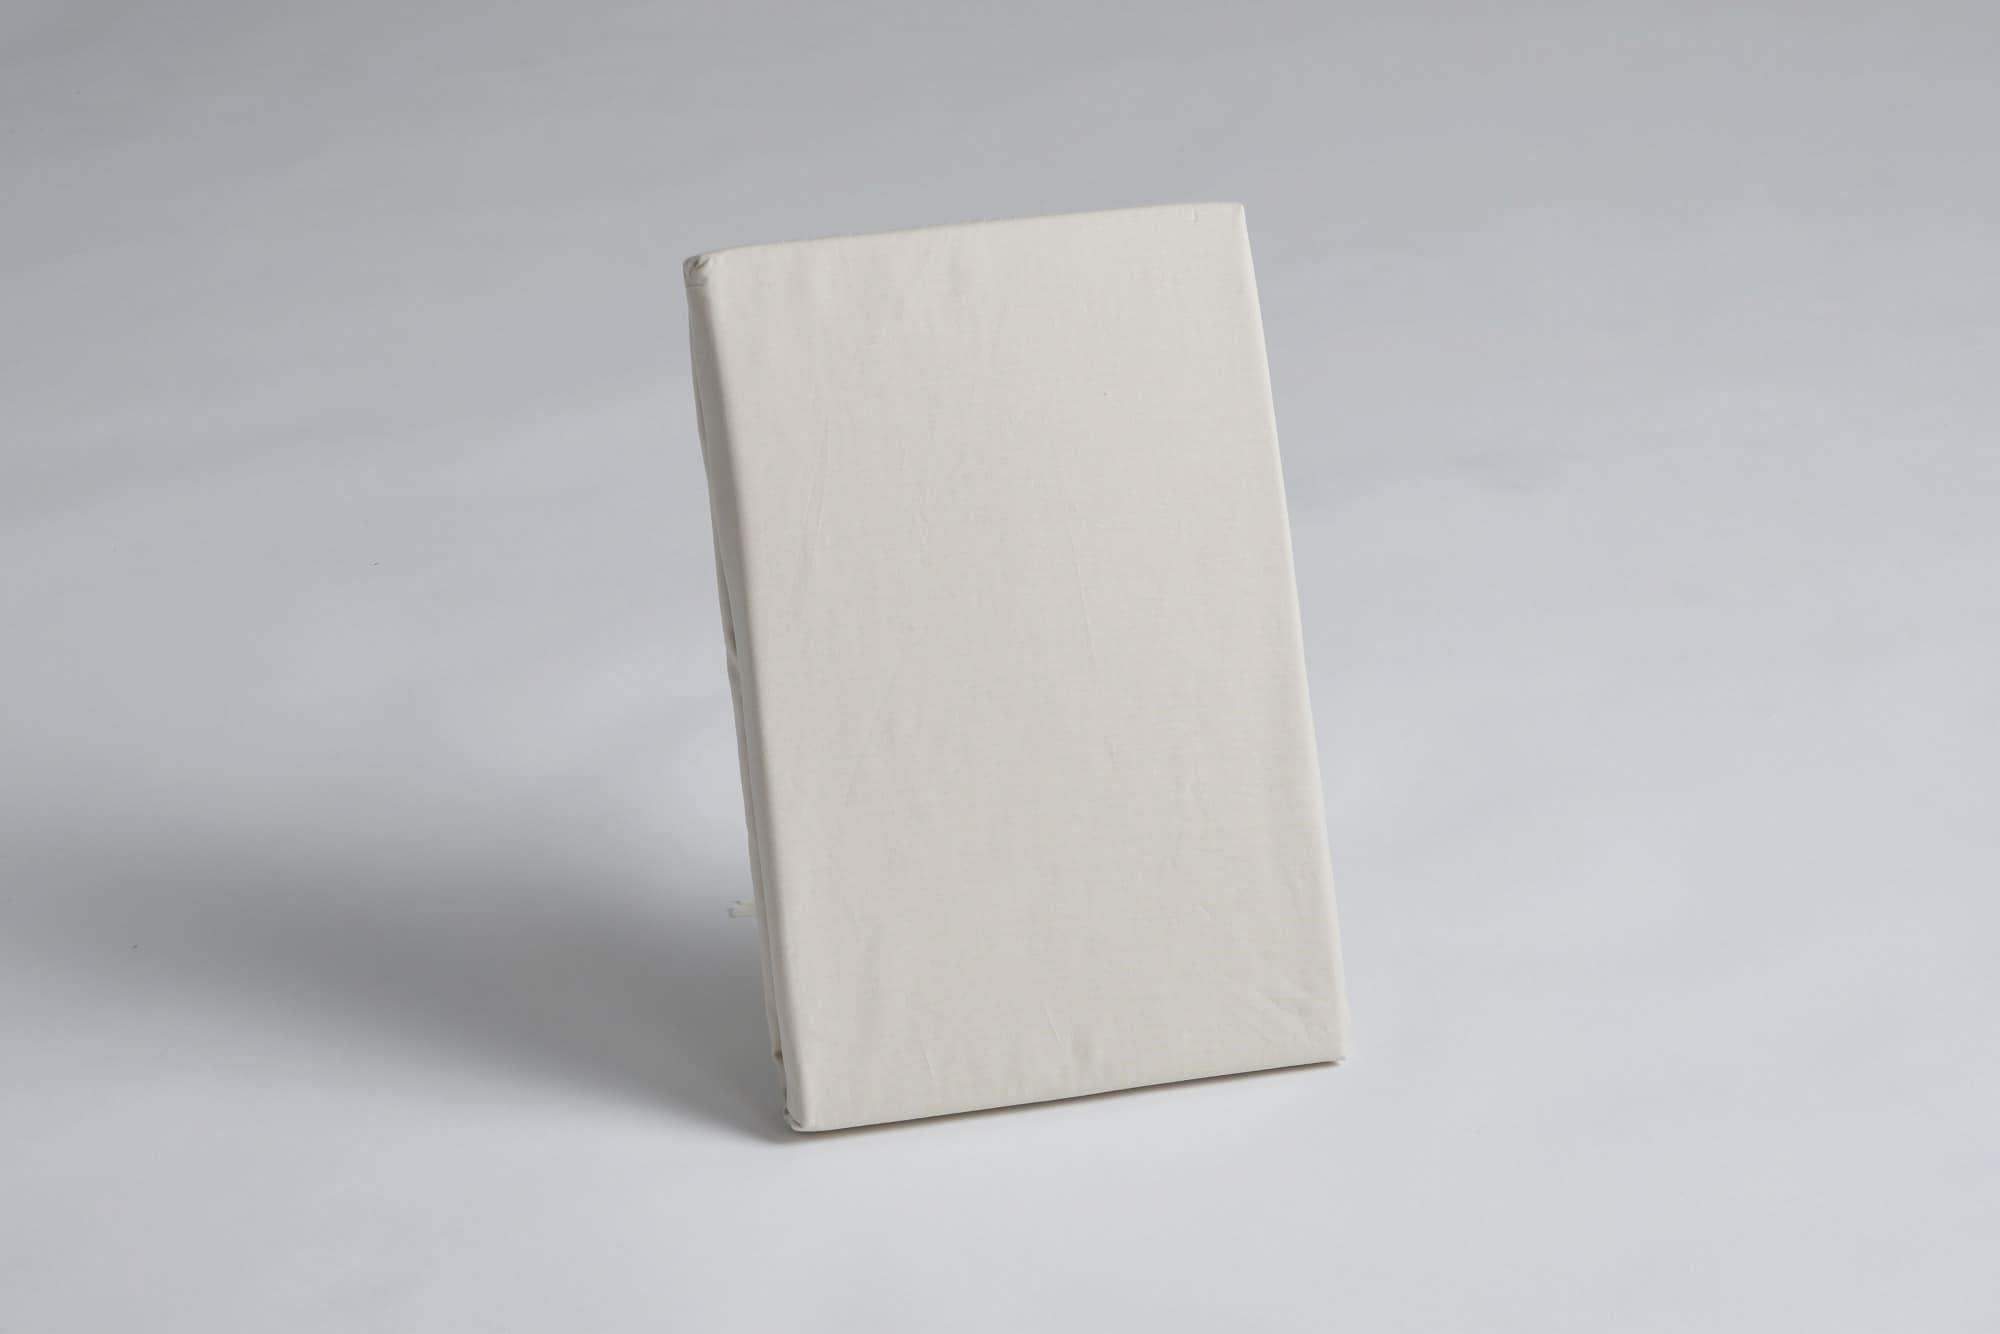 ボックスシーツ キング2用 36H ナチュラル:《綿100%を使用したボックスシーツ》